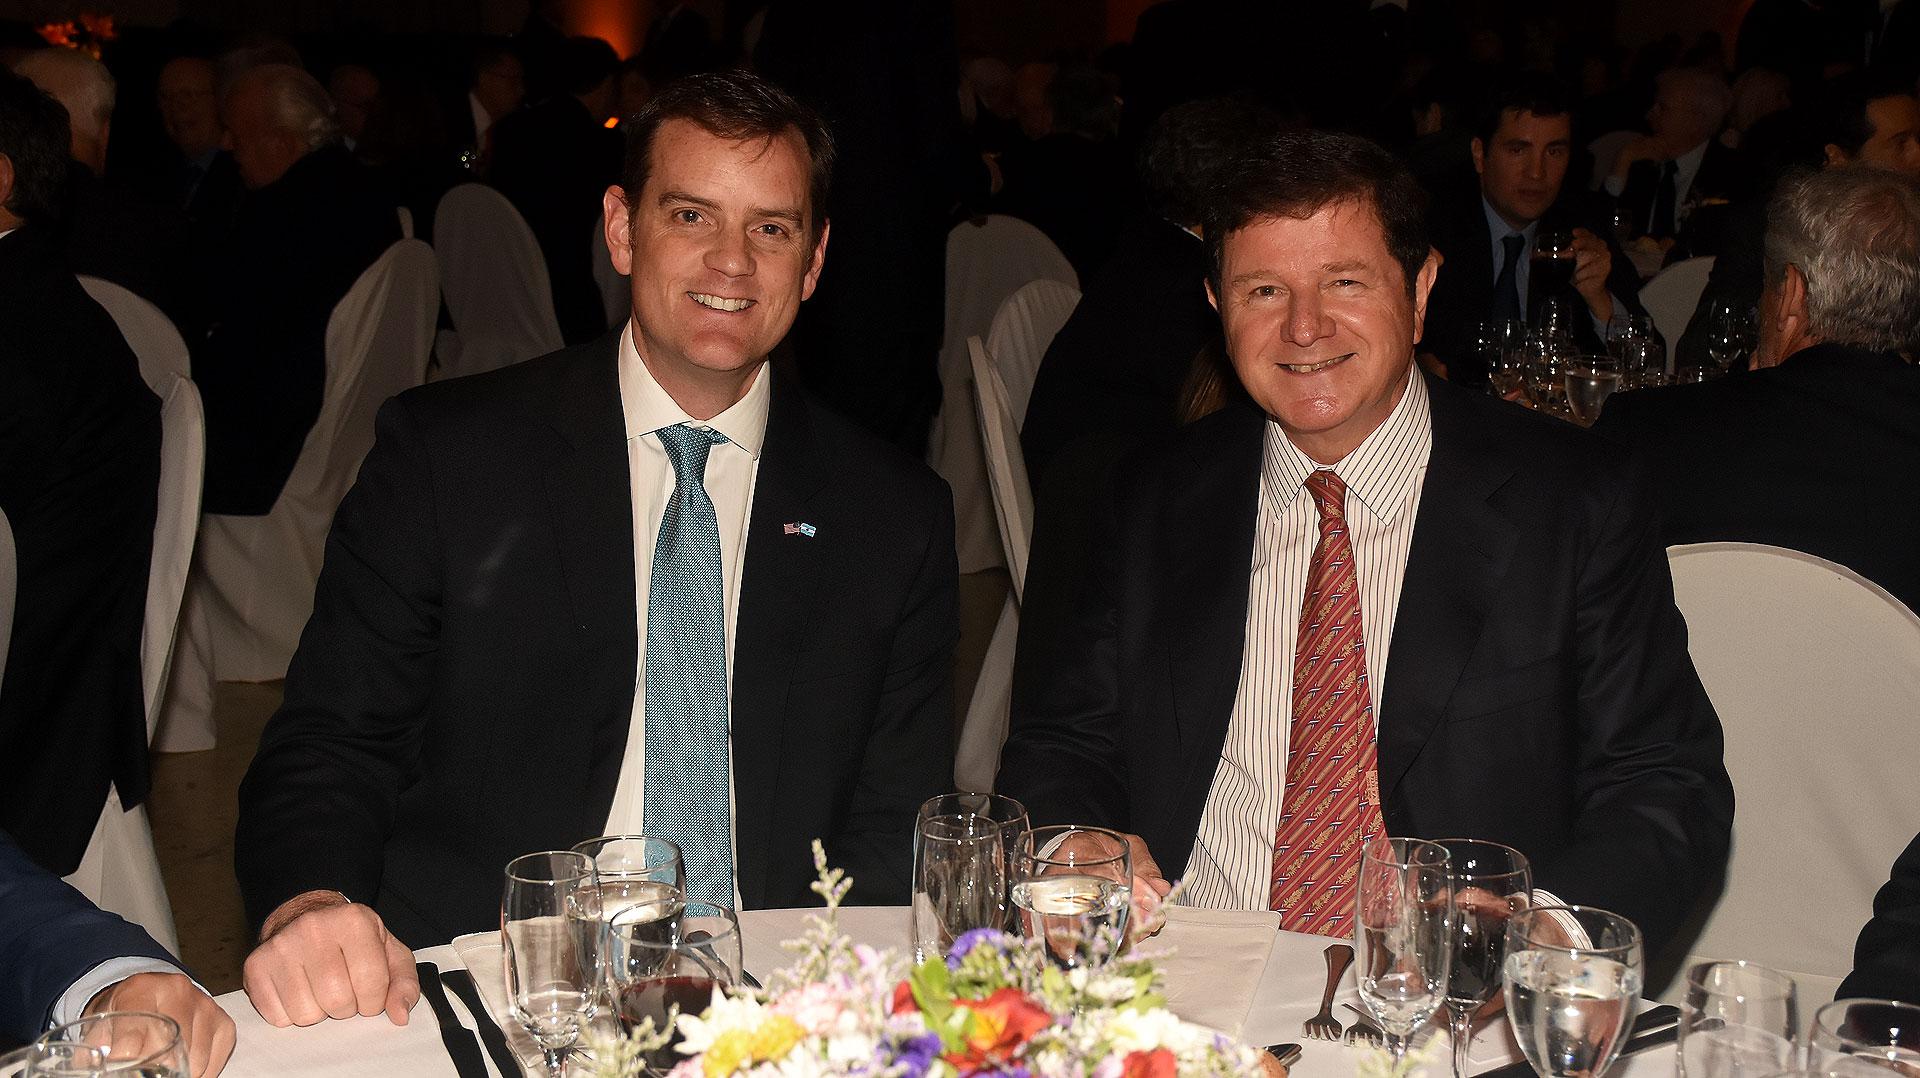 Tom Cooney, encargado de Negocios de la embajada de los Estados Unidos en nuestro país, y Fernando Oris de Roa, embajador argentino ante los Estados Unidos